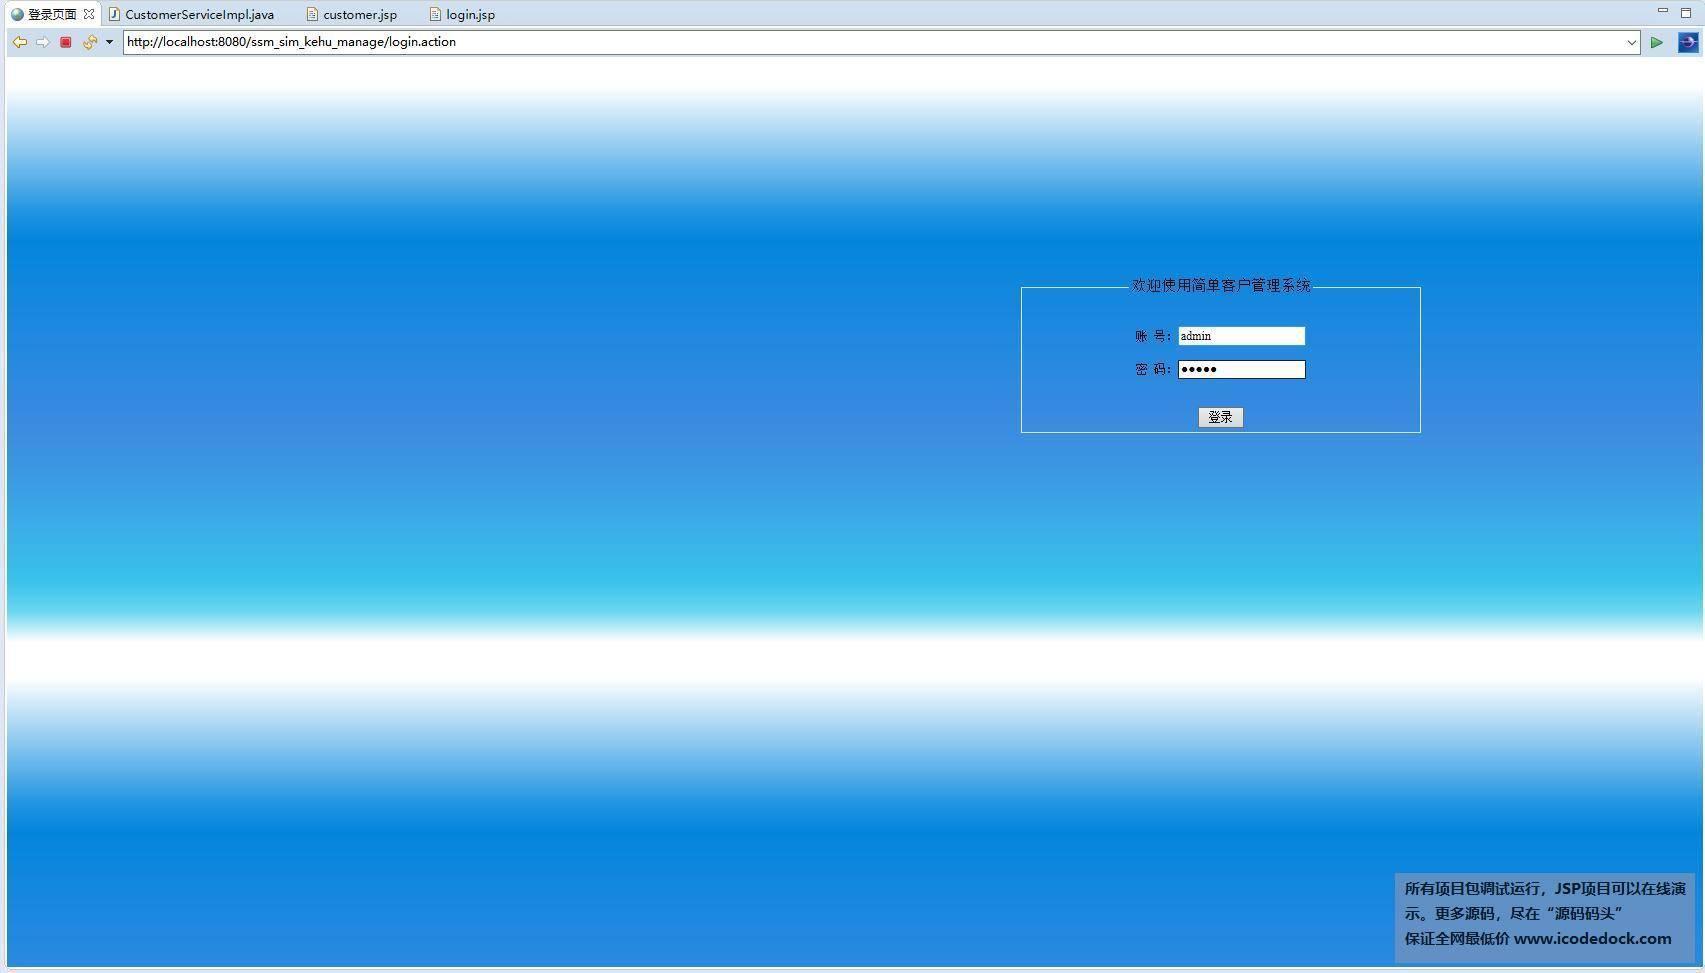 基于jsp+mysql+Spring+mybatis的SSM简单客户管理系统eclipse源码代码 - 源码码头